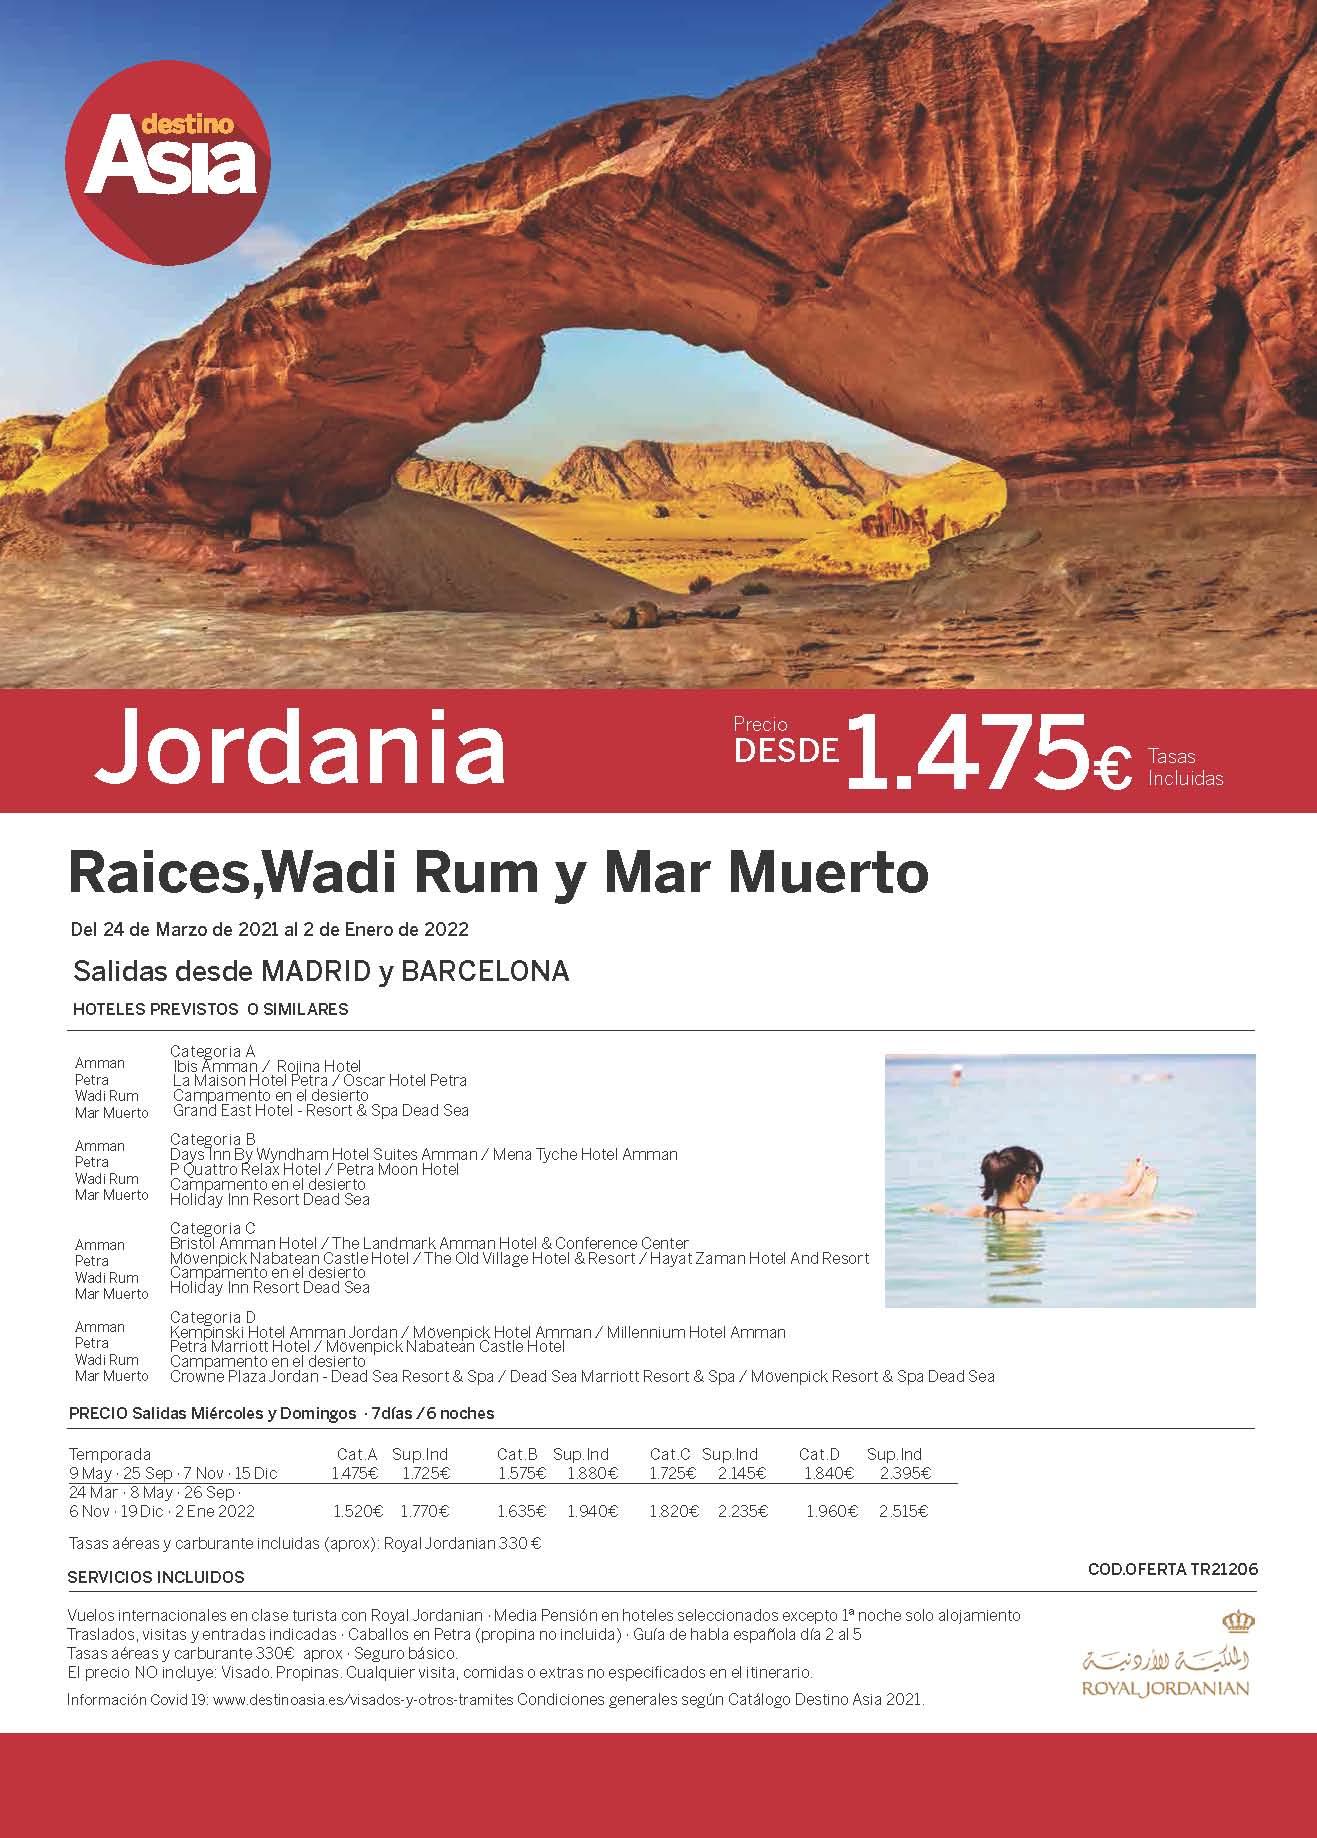 Oferta Destino Asia Jordania Raices Wadi Rum y Mar Muerto 2021